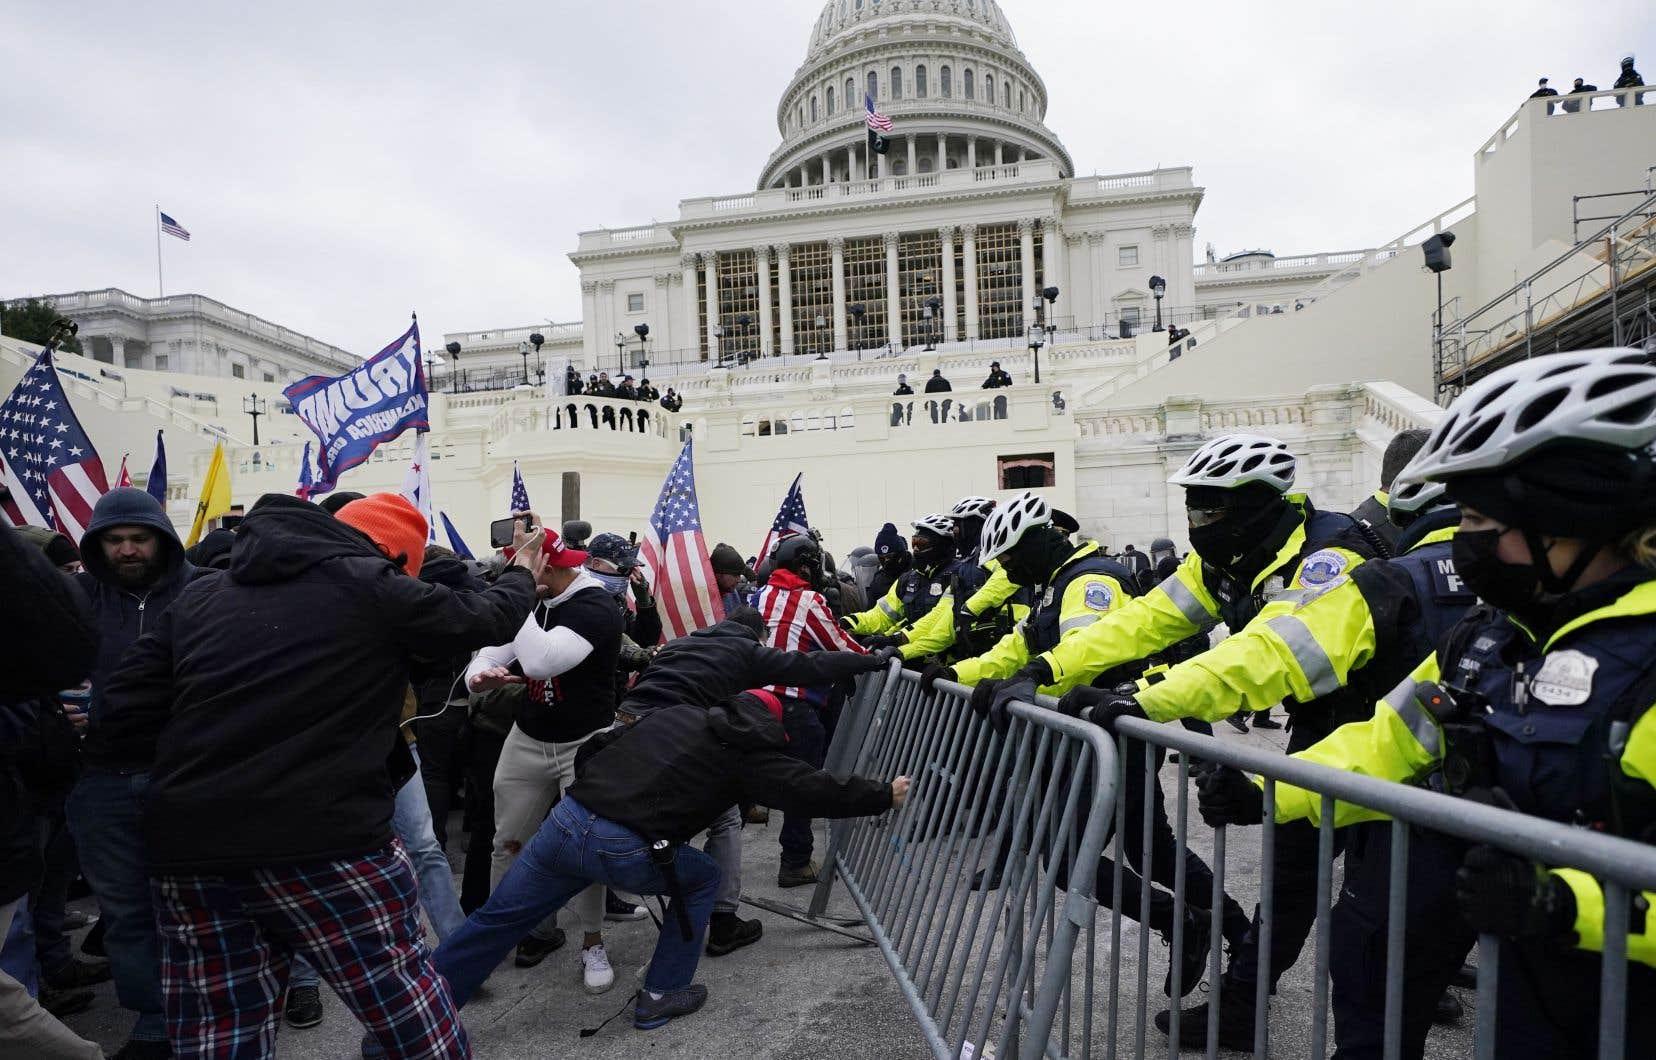 Des partisans de Donald Trump ont pris d'assaut le Capitole de Washington le 6 janvier dernier pour tenter d'empêcher la certification des résultats de l'élection présidentielle.